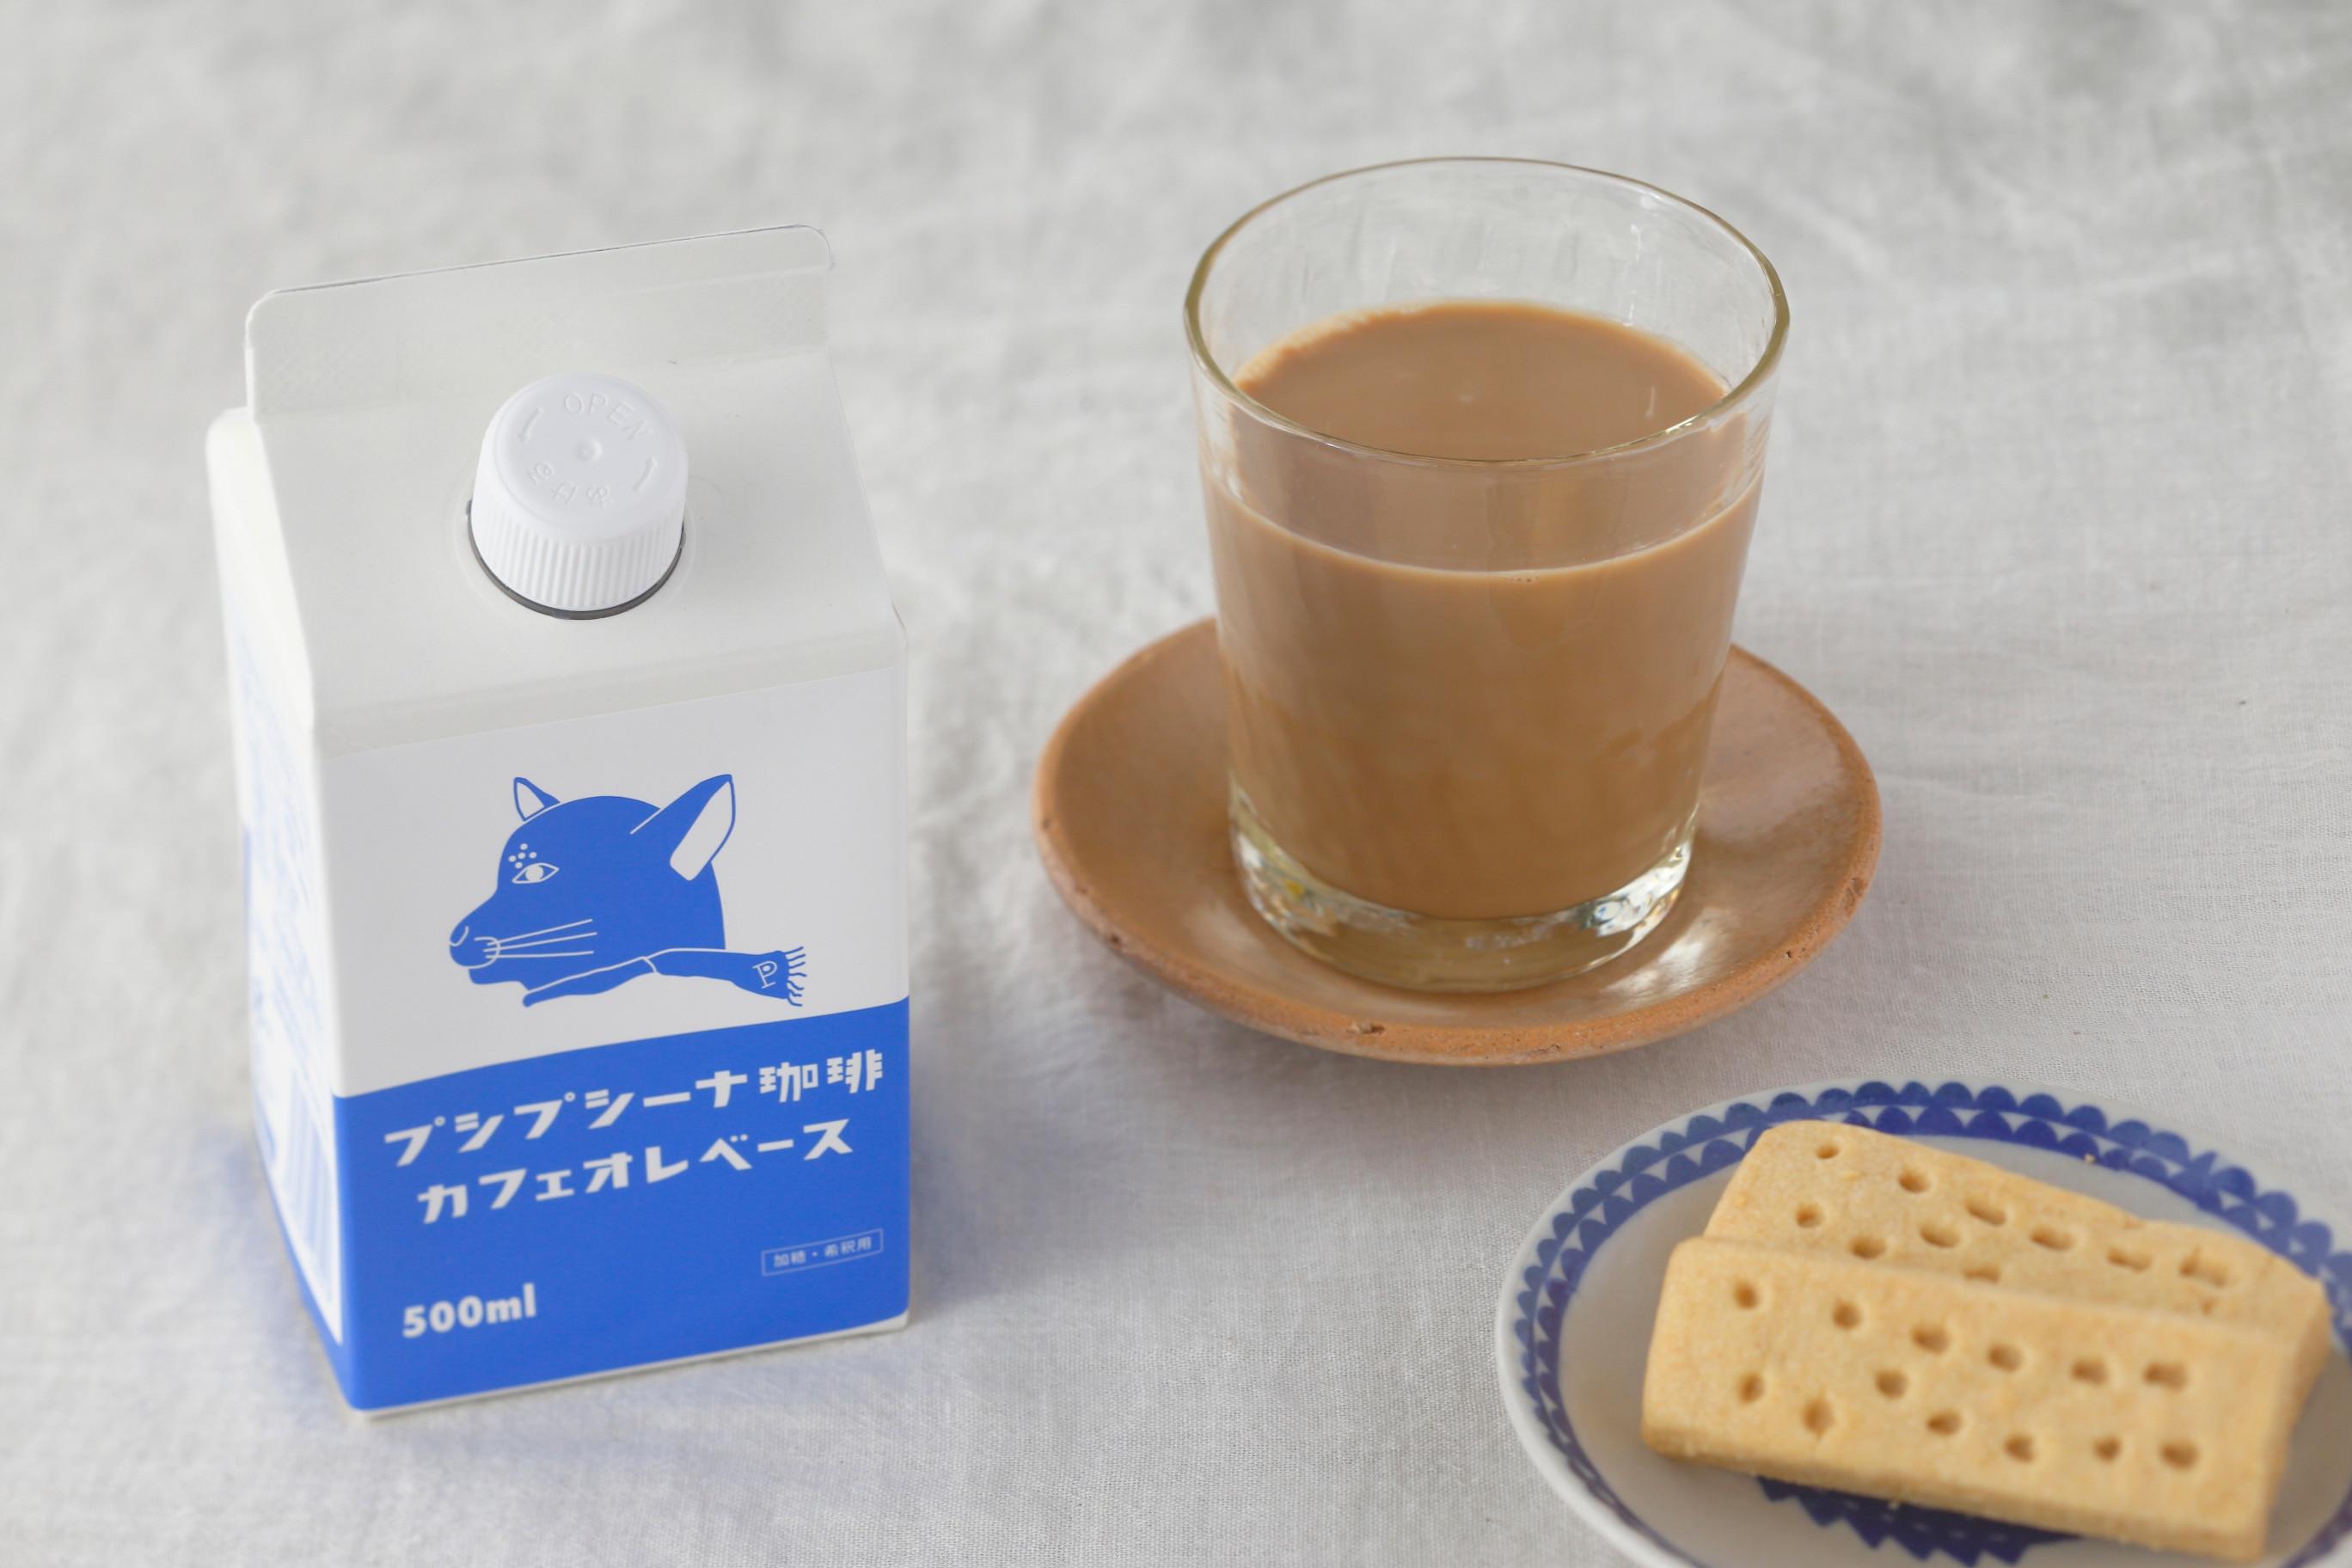 カフェオレベース (プシプシーナ珈琲)